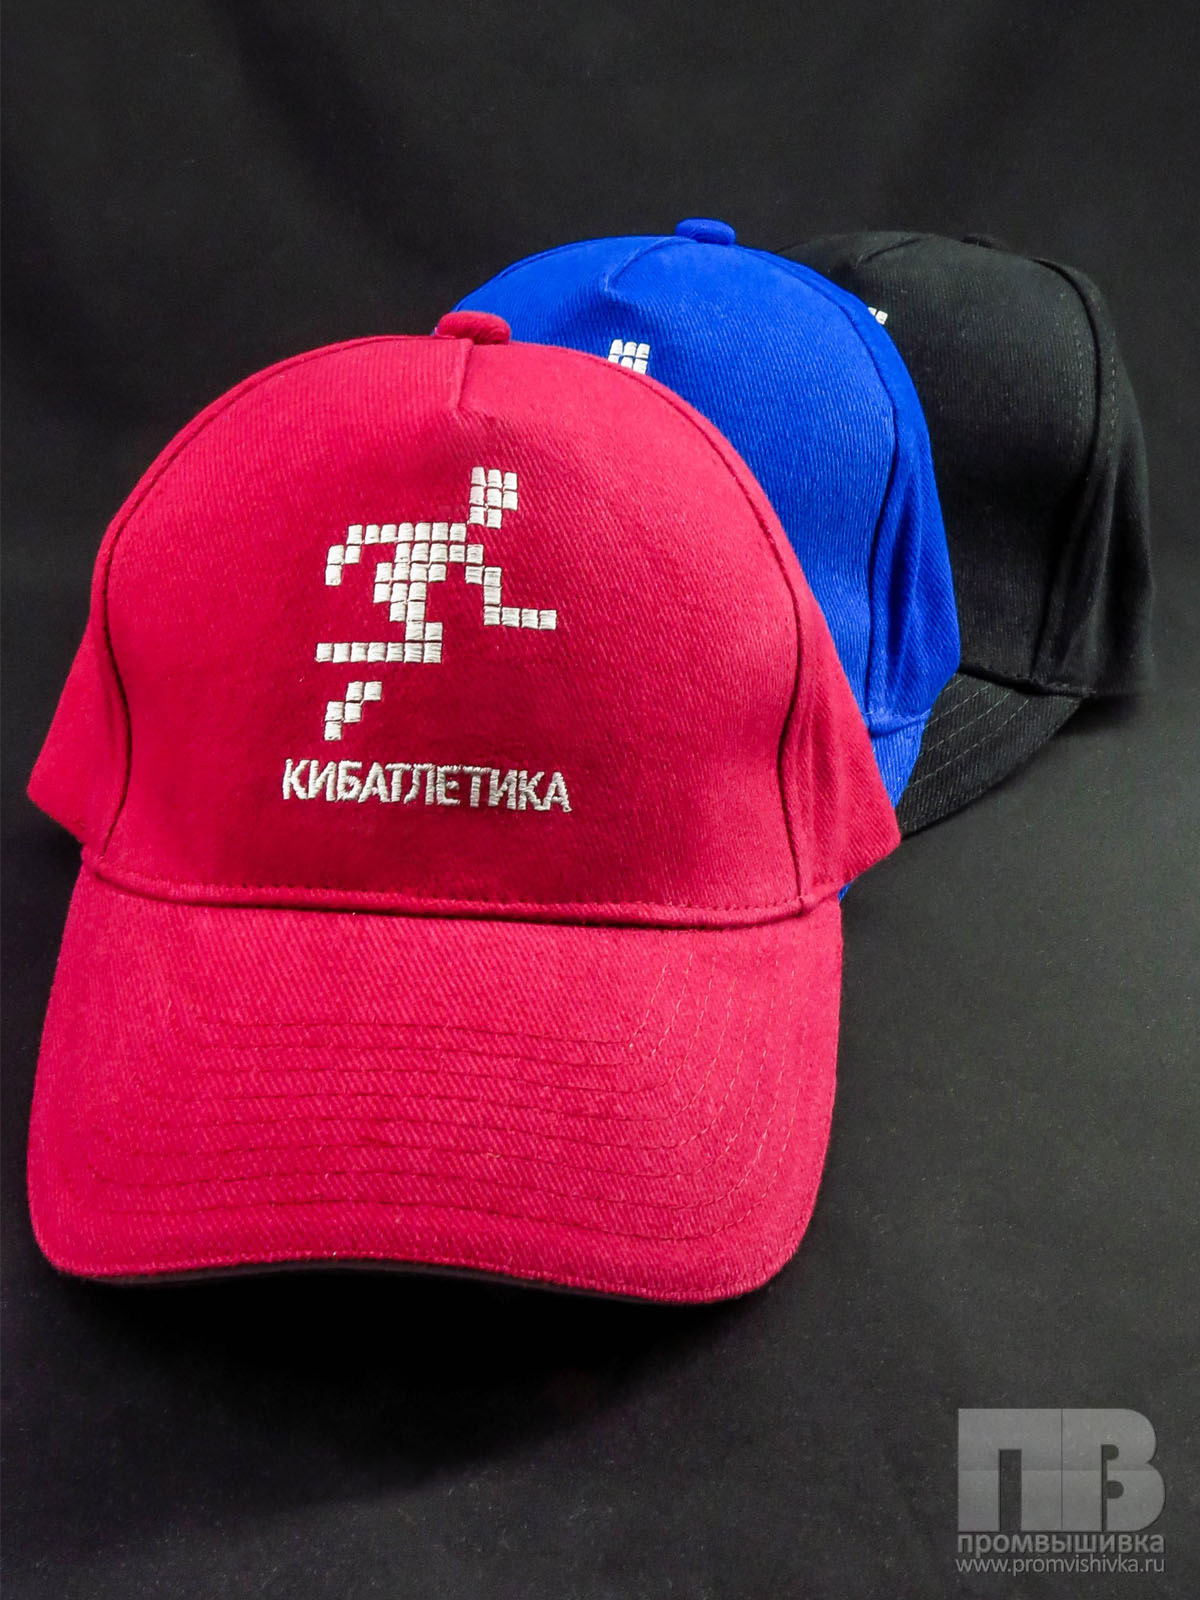 Вышивка логотипа на кепке 30